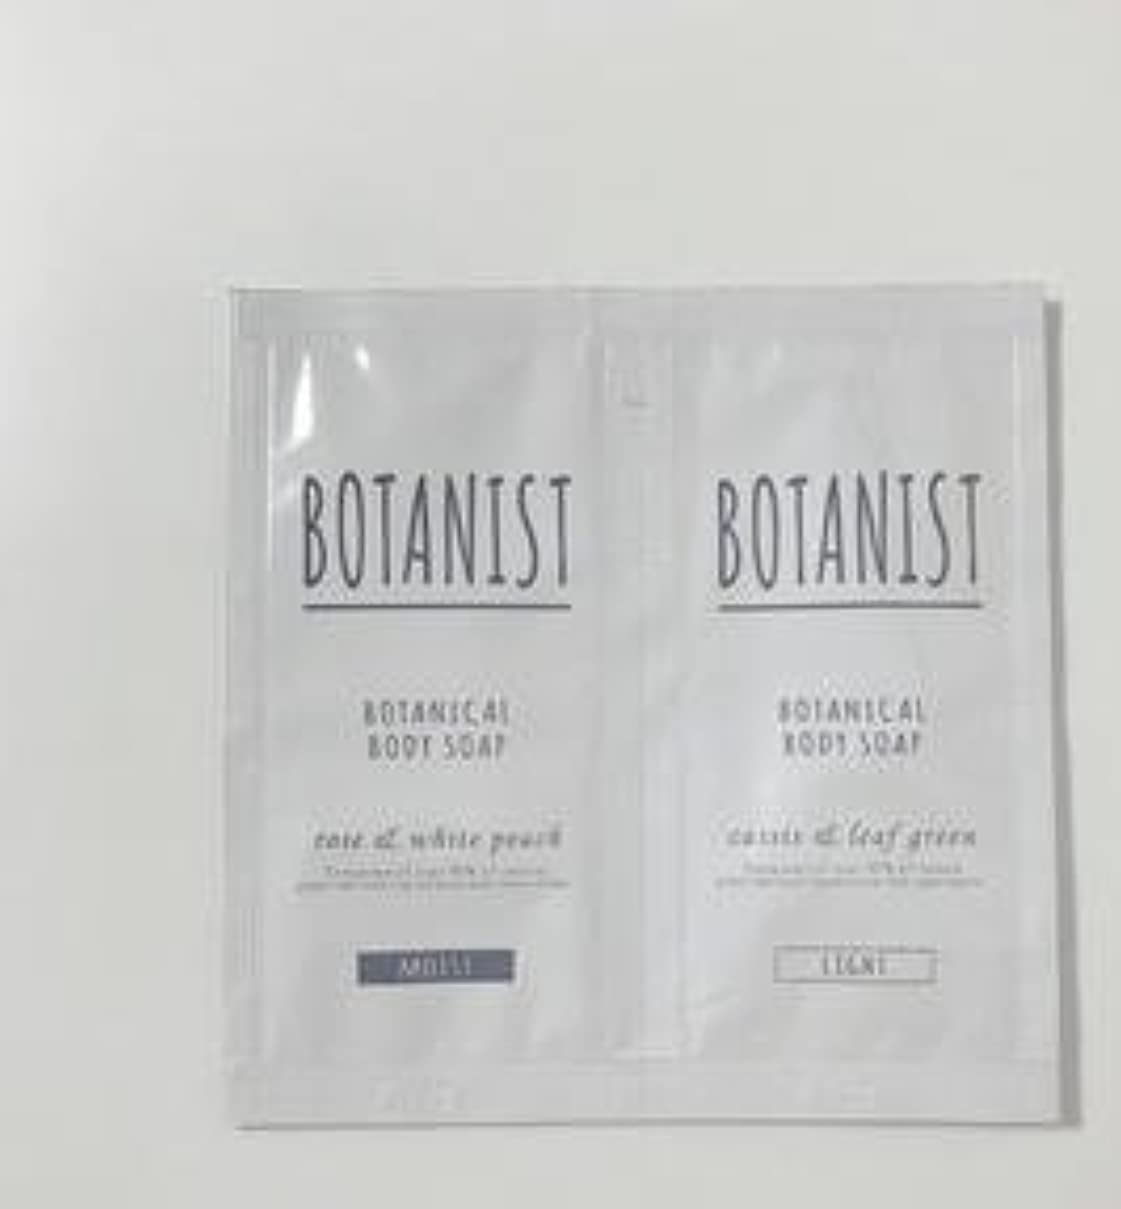 ネックレス是正町BOTANIST ボタニカル ボディーソープ ライト&モイスト トライアルセット 8ml×2 (ライト&モイスト, 1個)